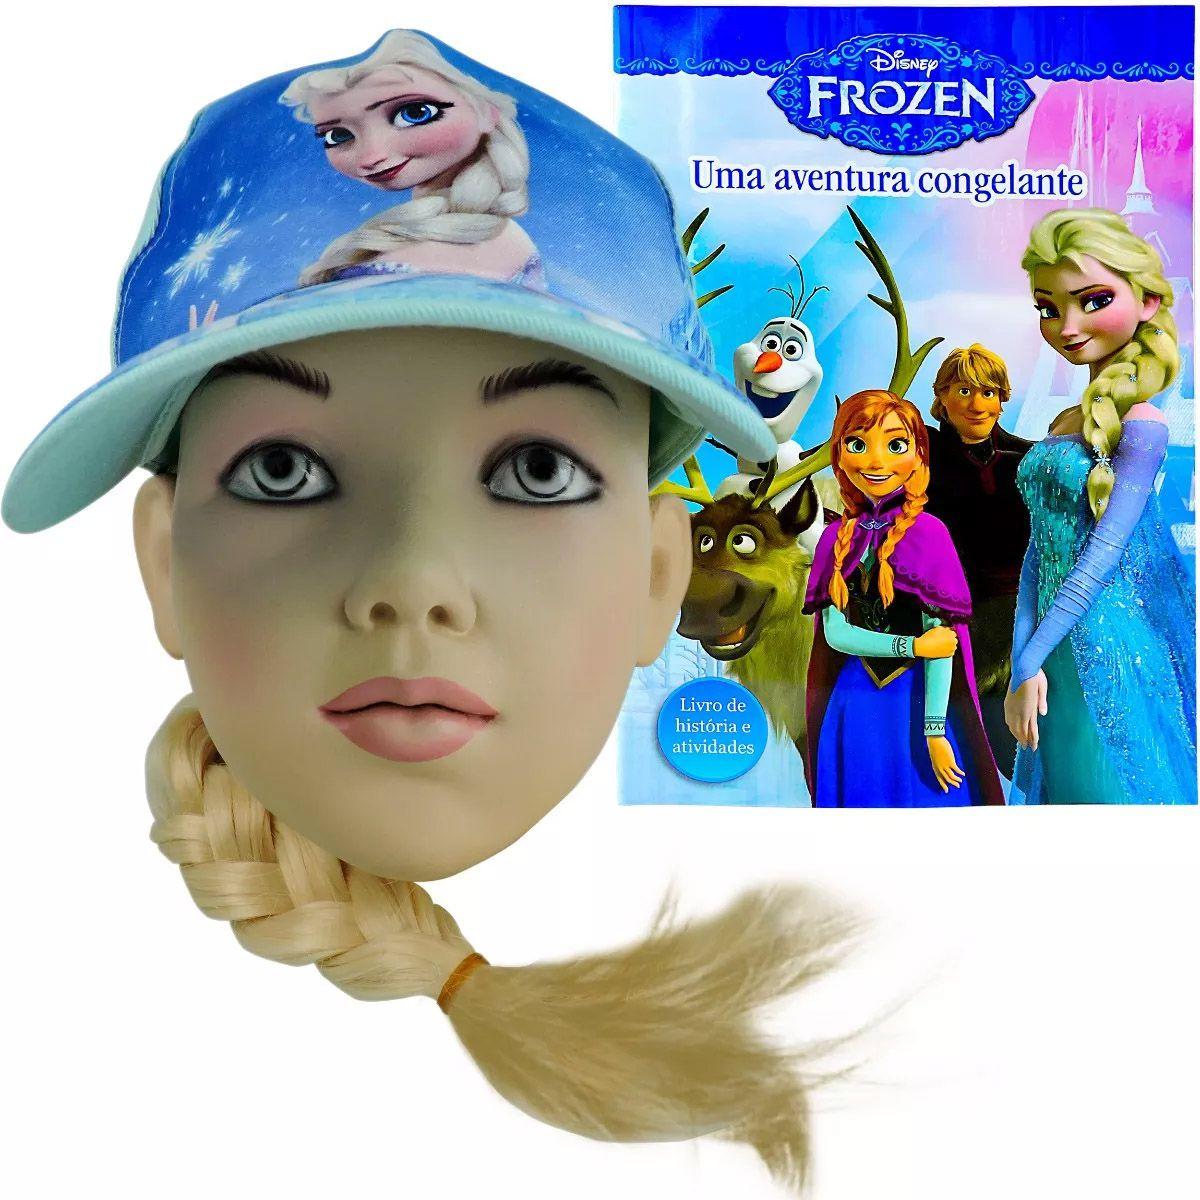 Boné Frozen Com Trança 43 Cm + Livro De História E Atividades